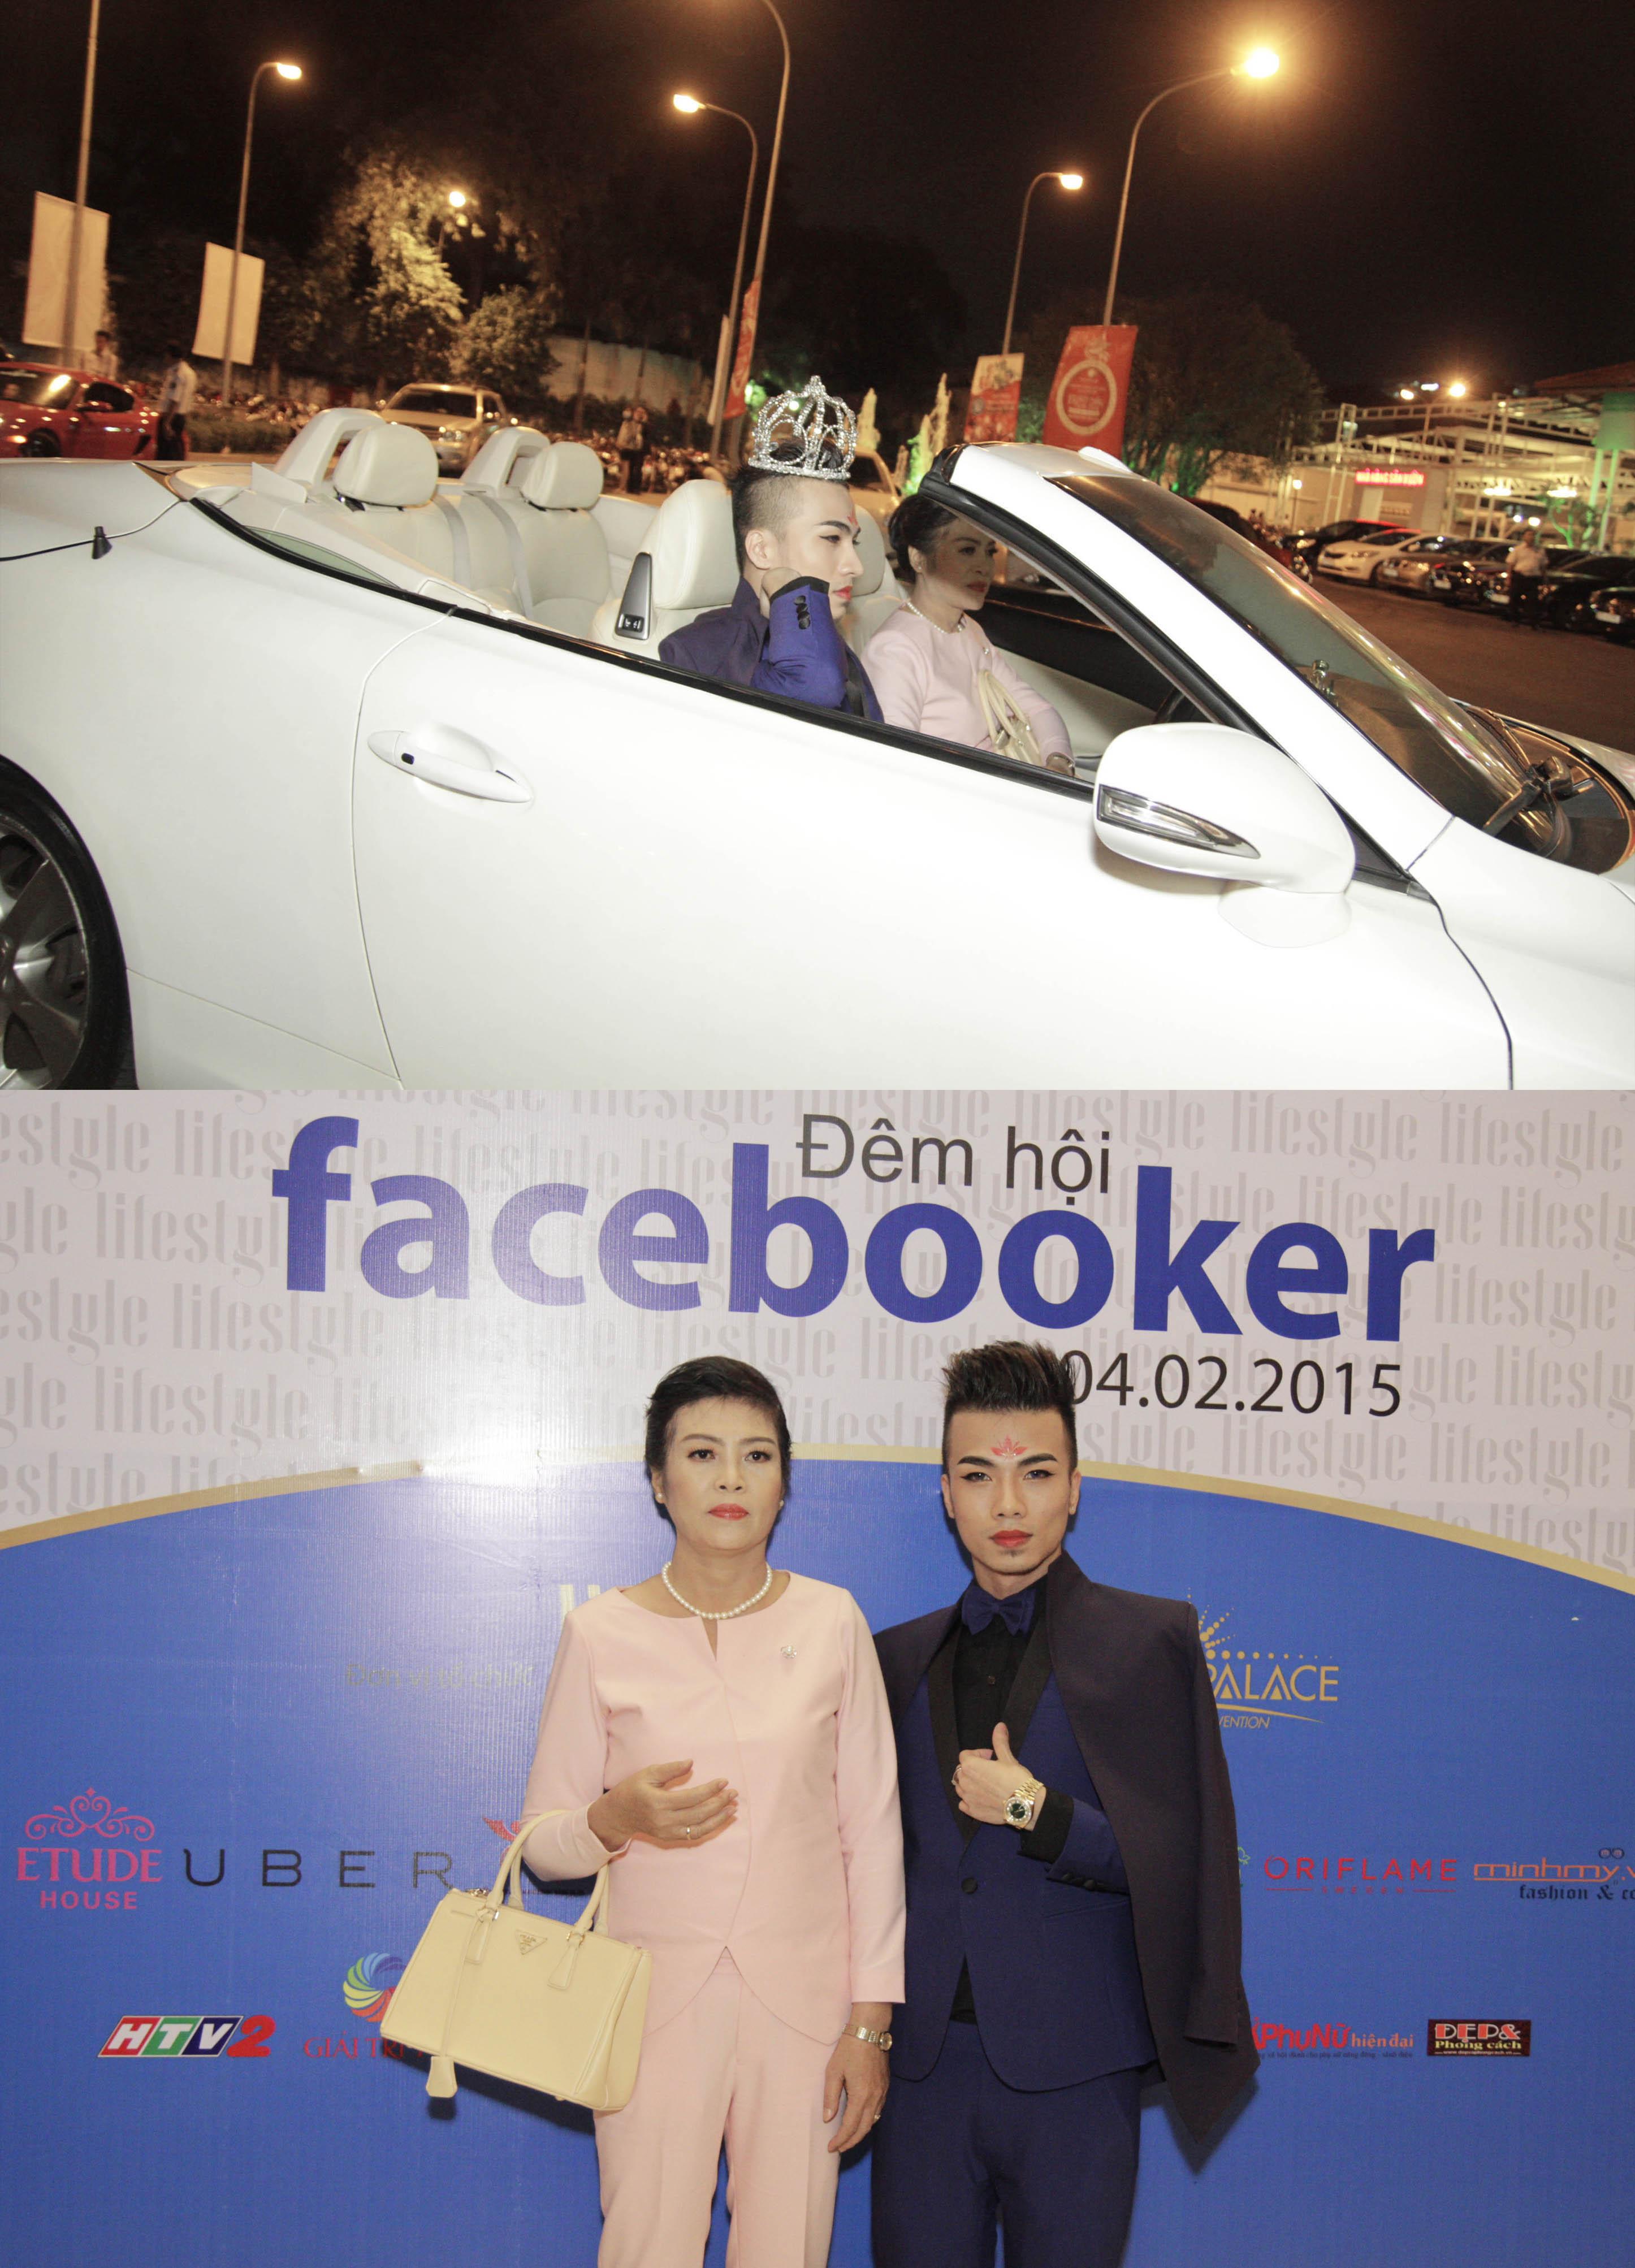 """Kenny Sang lái siêu xe cùng Minh Hằng Ngọc Lan """"đại thắng"""" giải thưởng lớn lễ hội Facebook"""